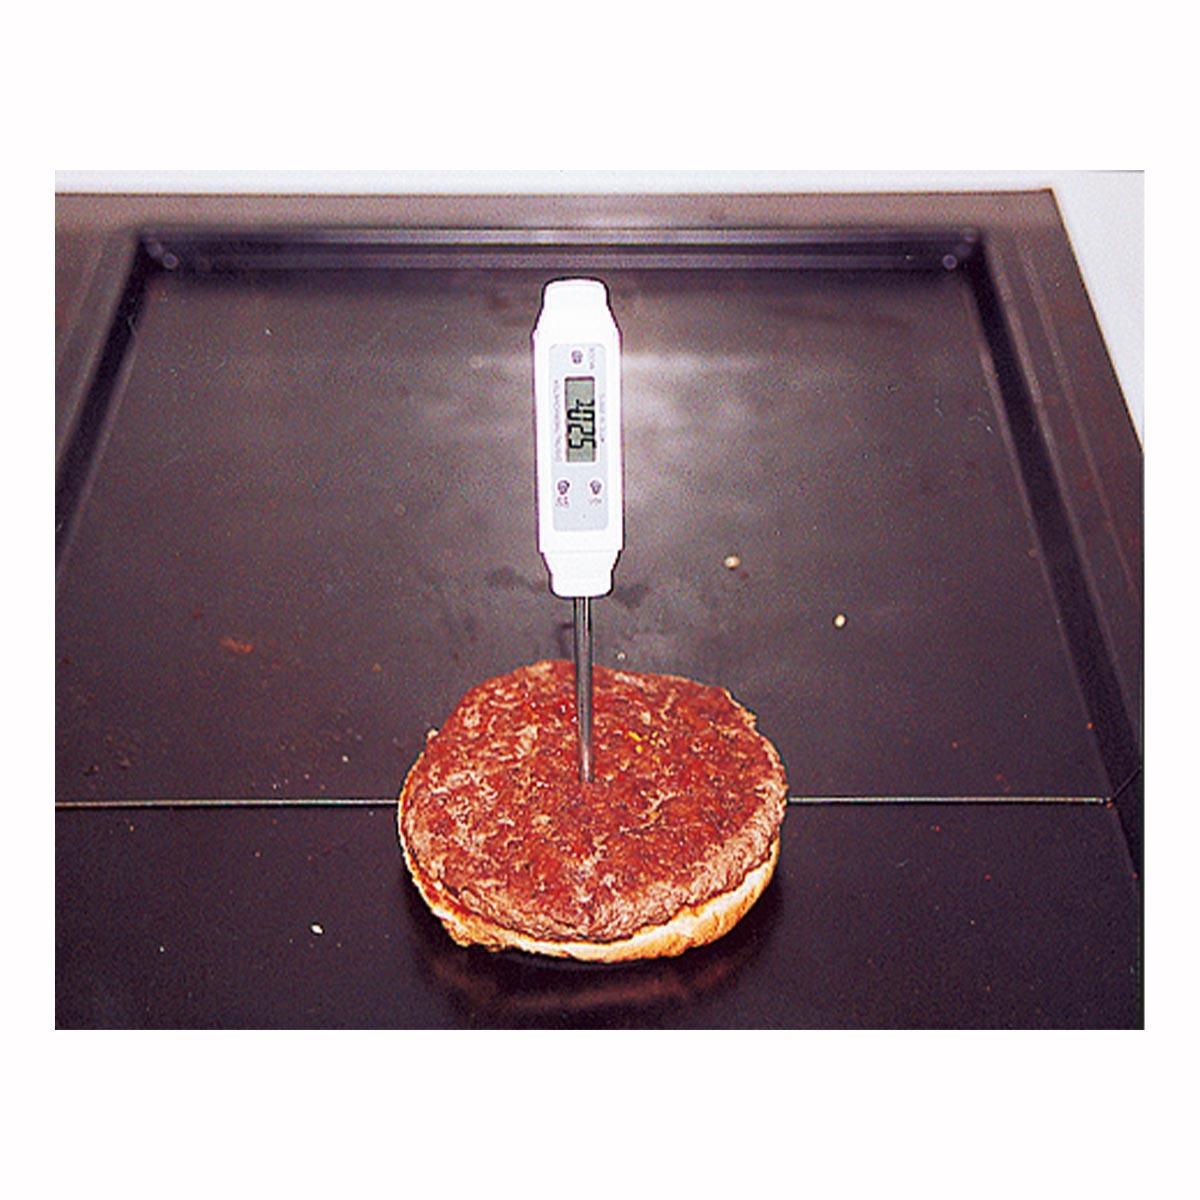 30-1013-digitales-einstichthermometer-pocket-digitemp-s-anwendung1-1200x1200px.jpg